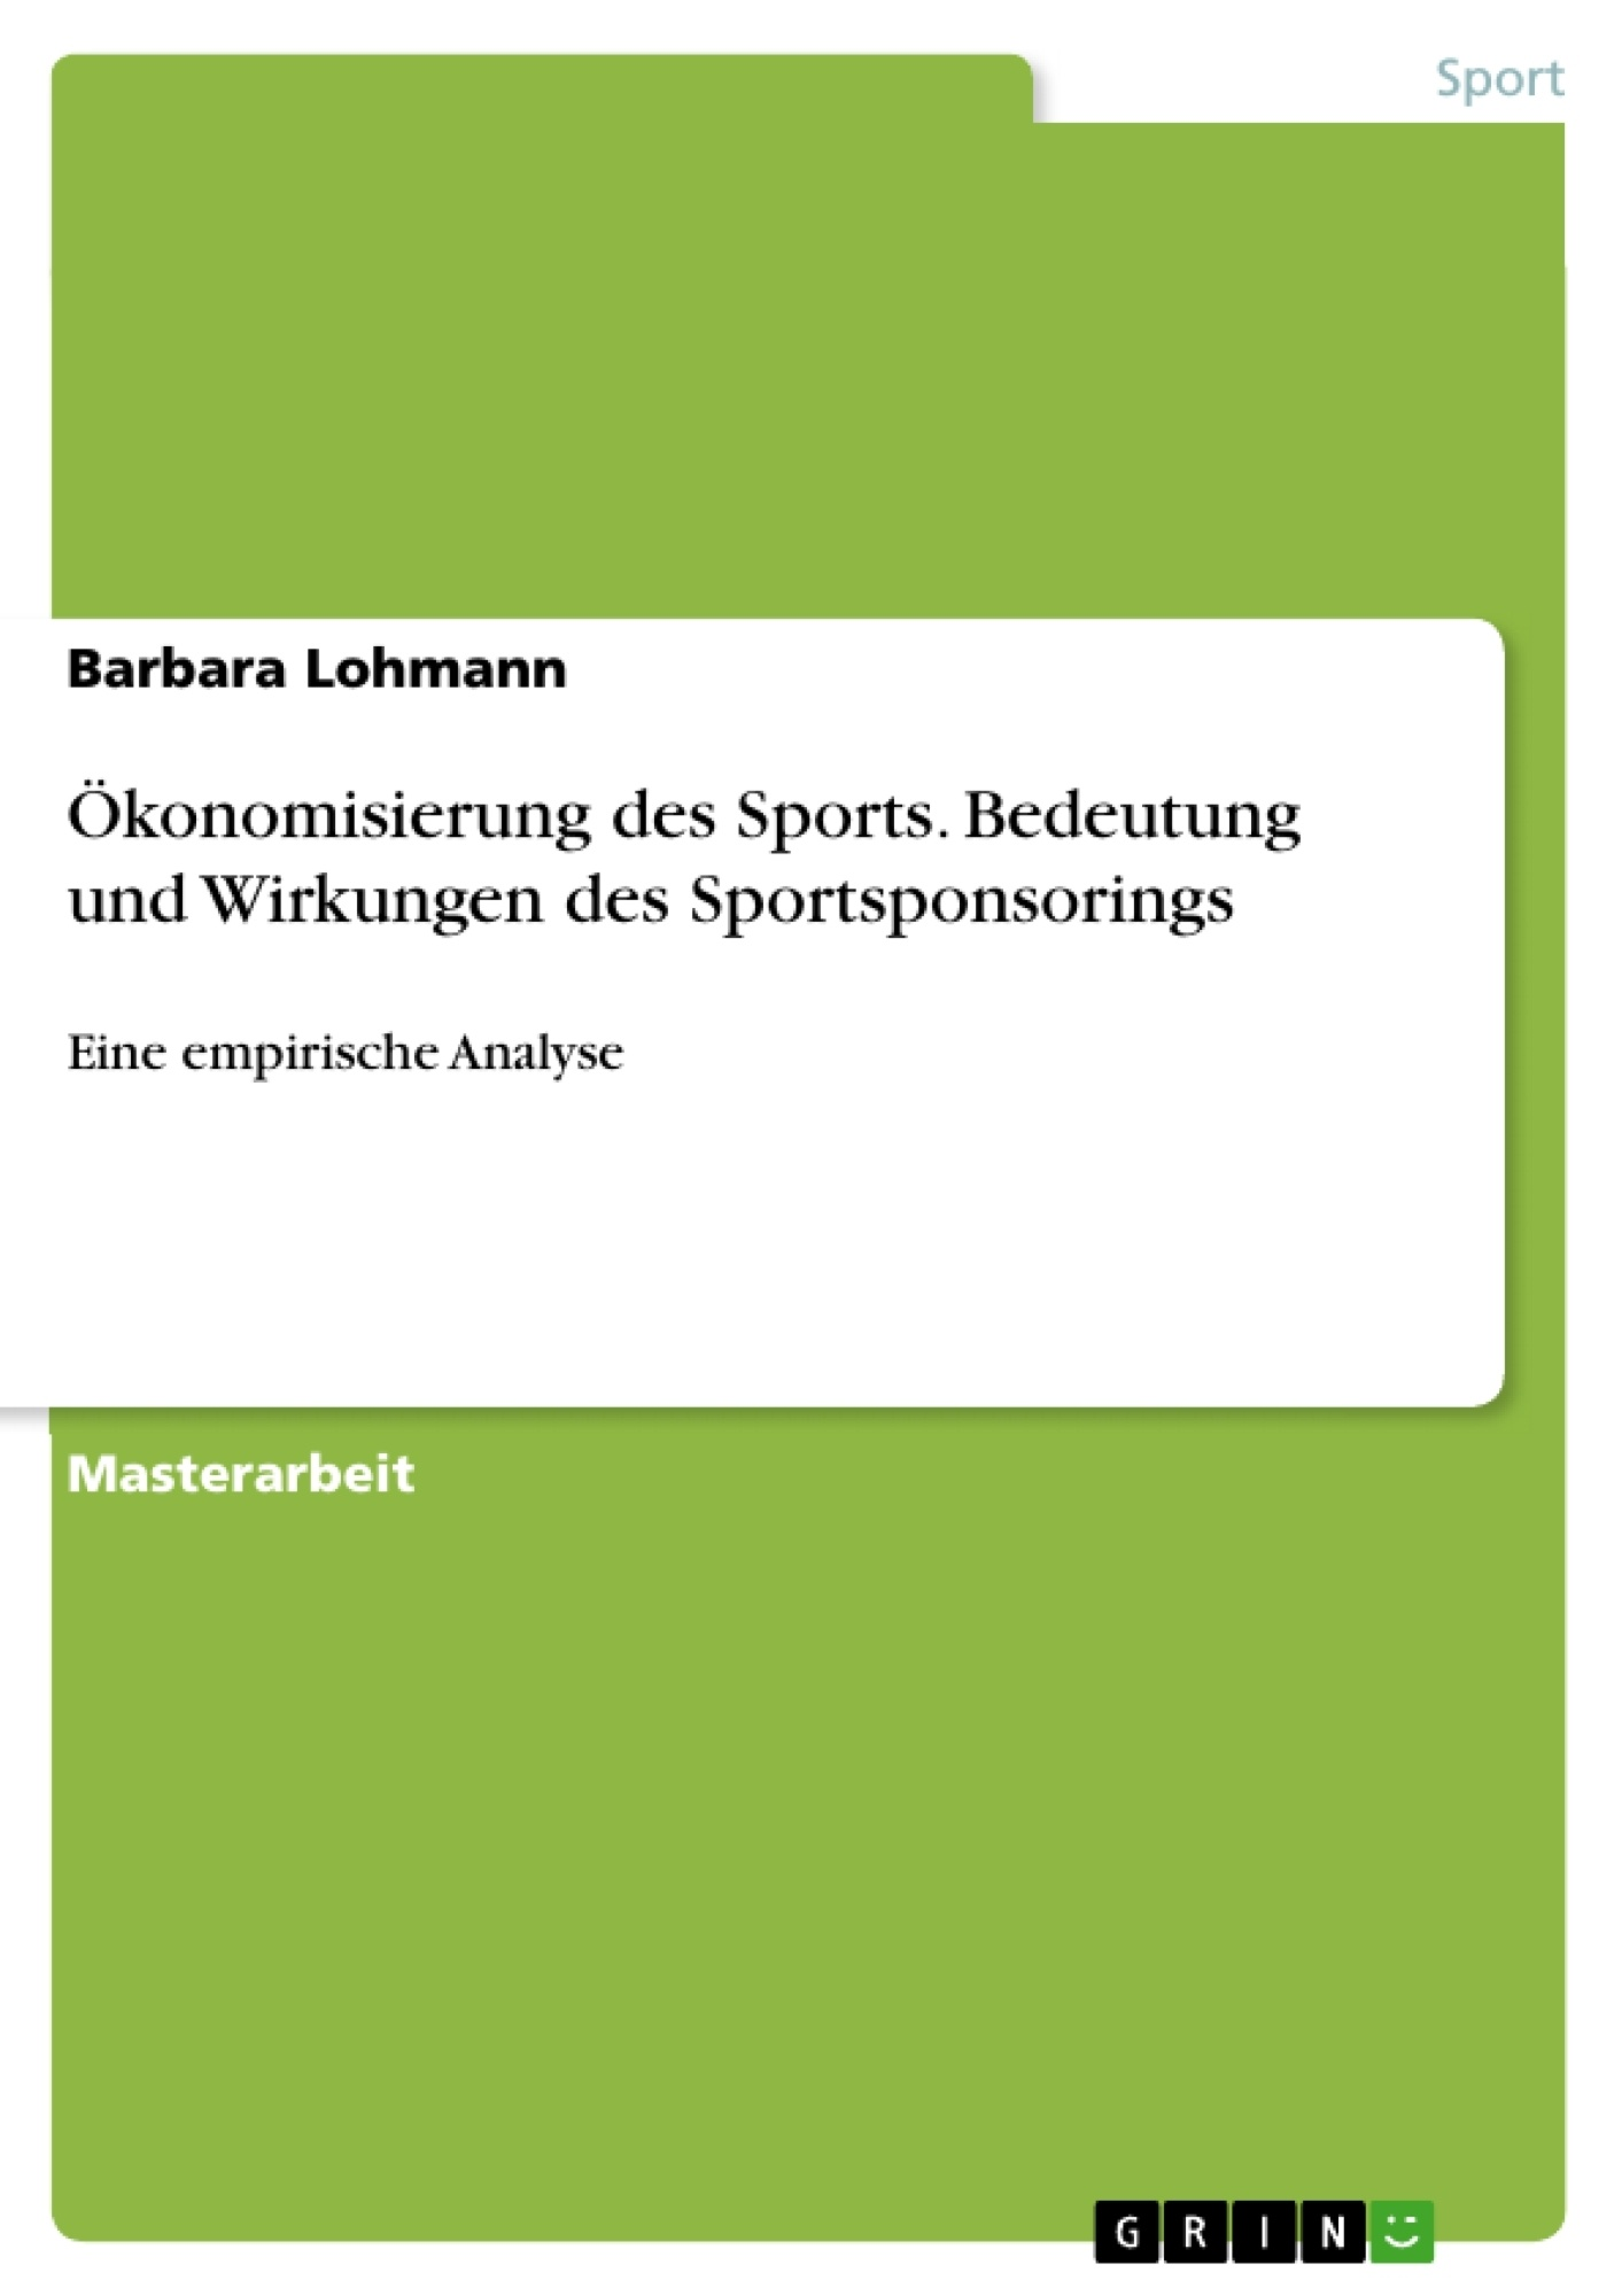 Titel: Ökonomisierung des Sports. Bedeutung und Wirkungen des Sportsponsorings